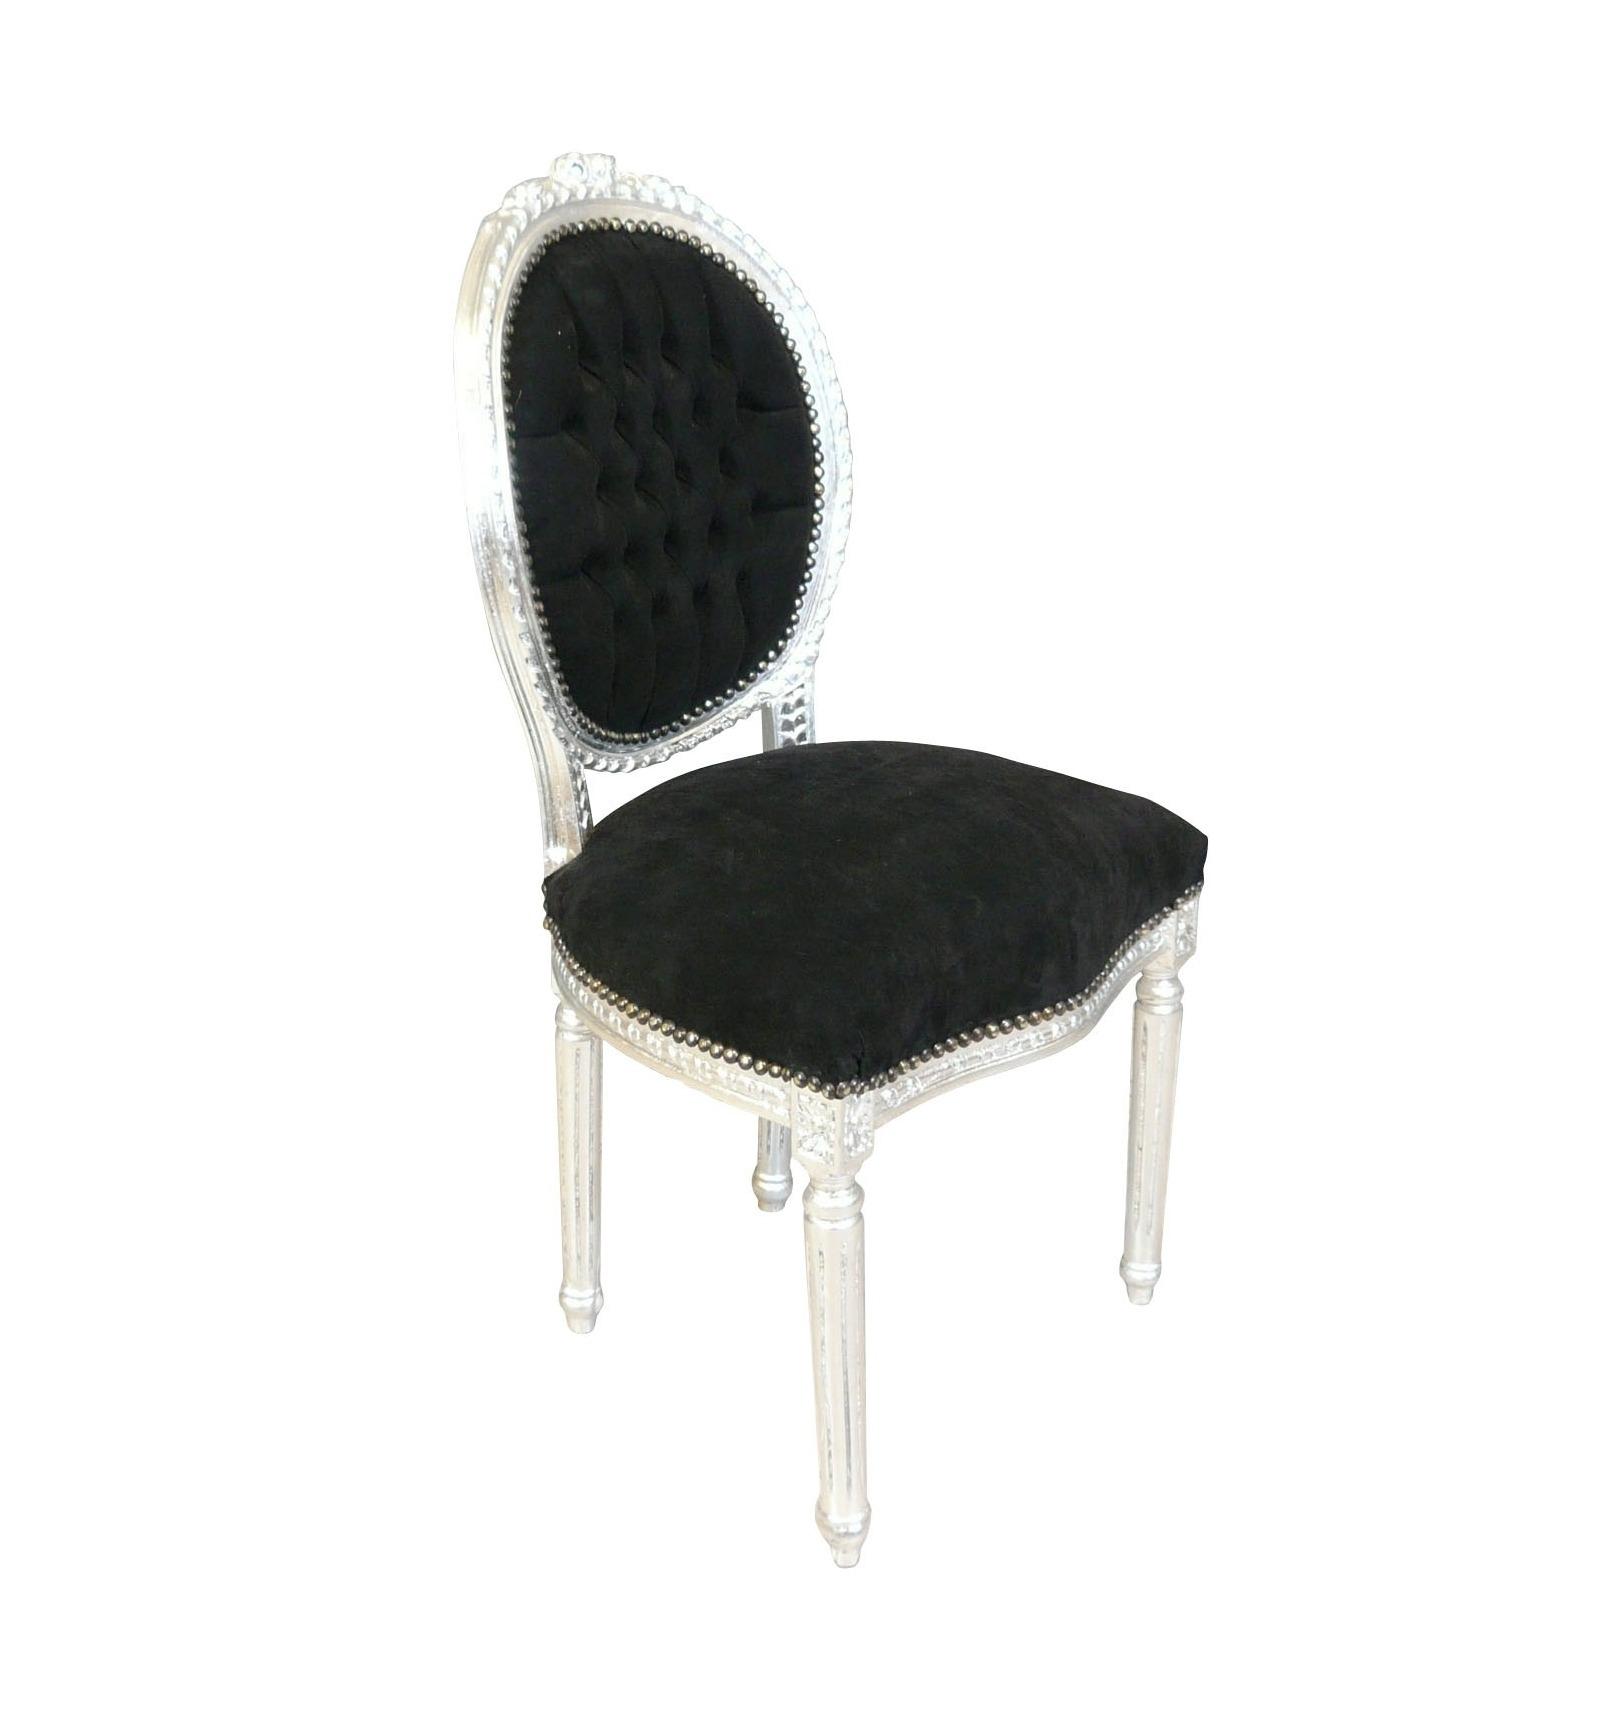 Silla barroco estilo louis xvi muebles de estilo - Sillas louis xvi ...